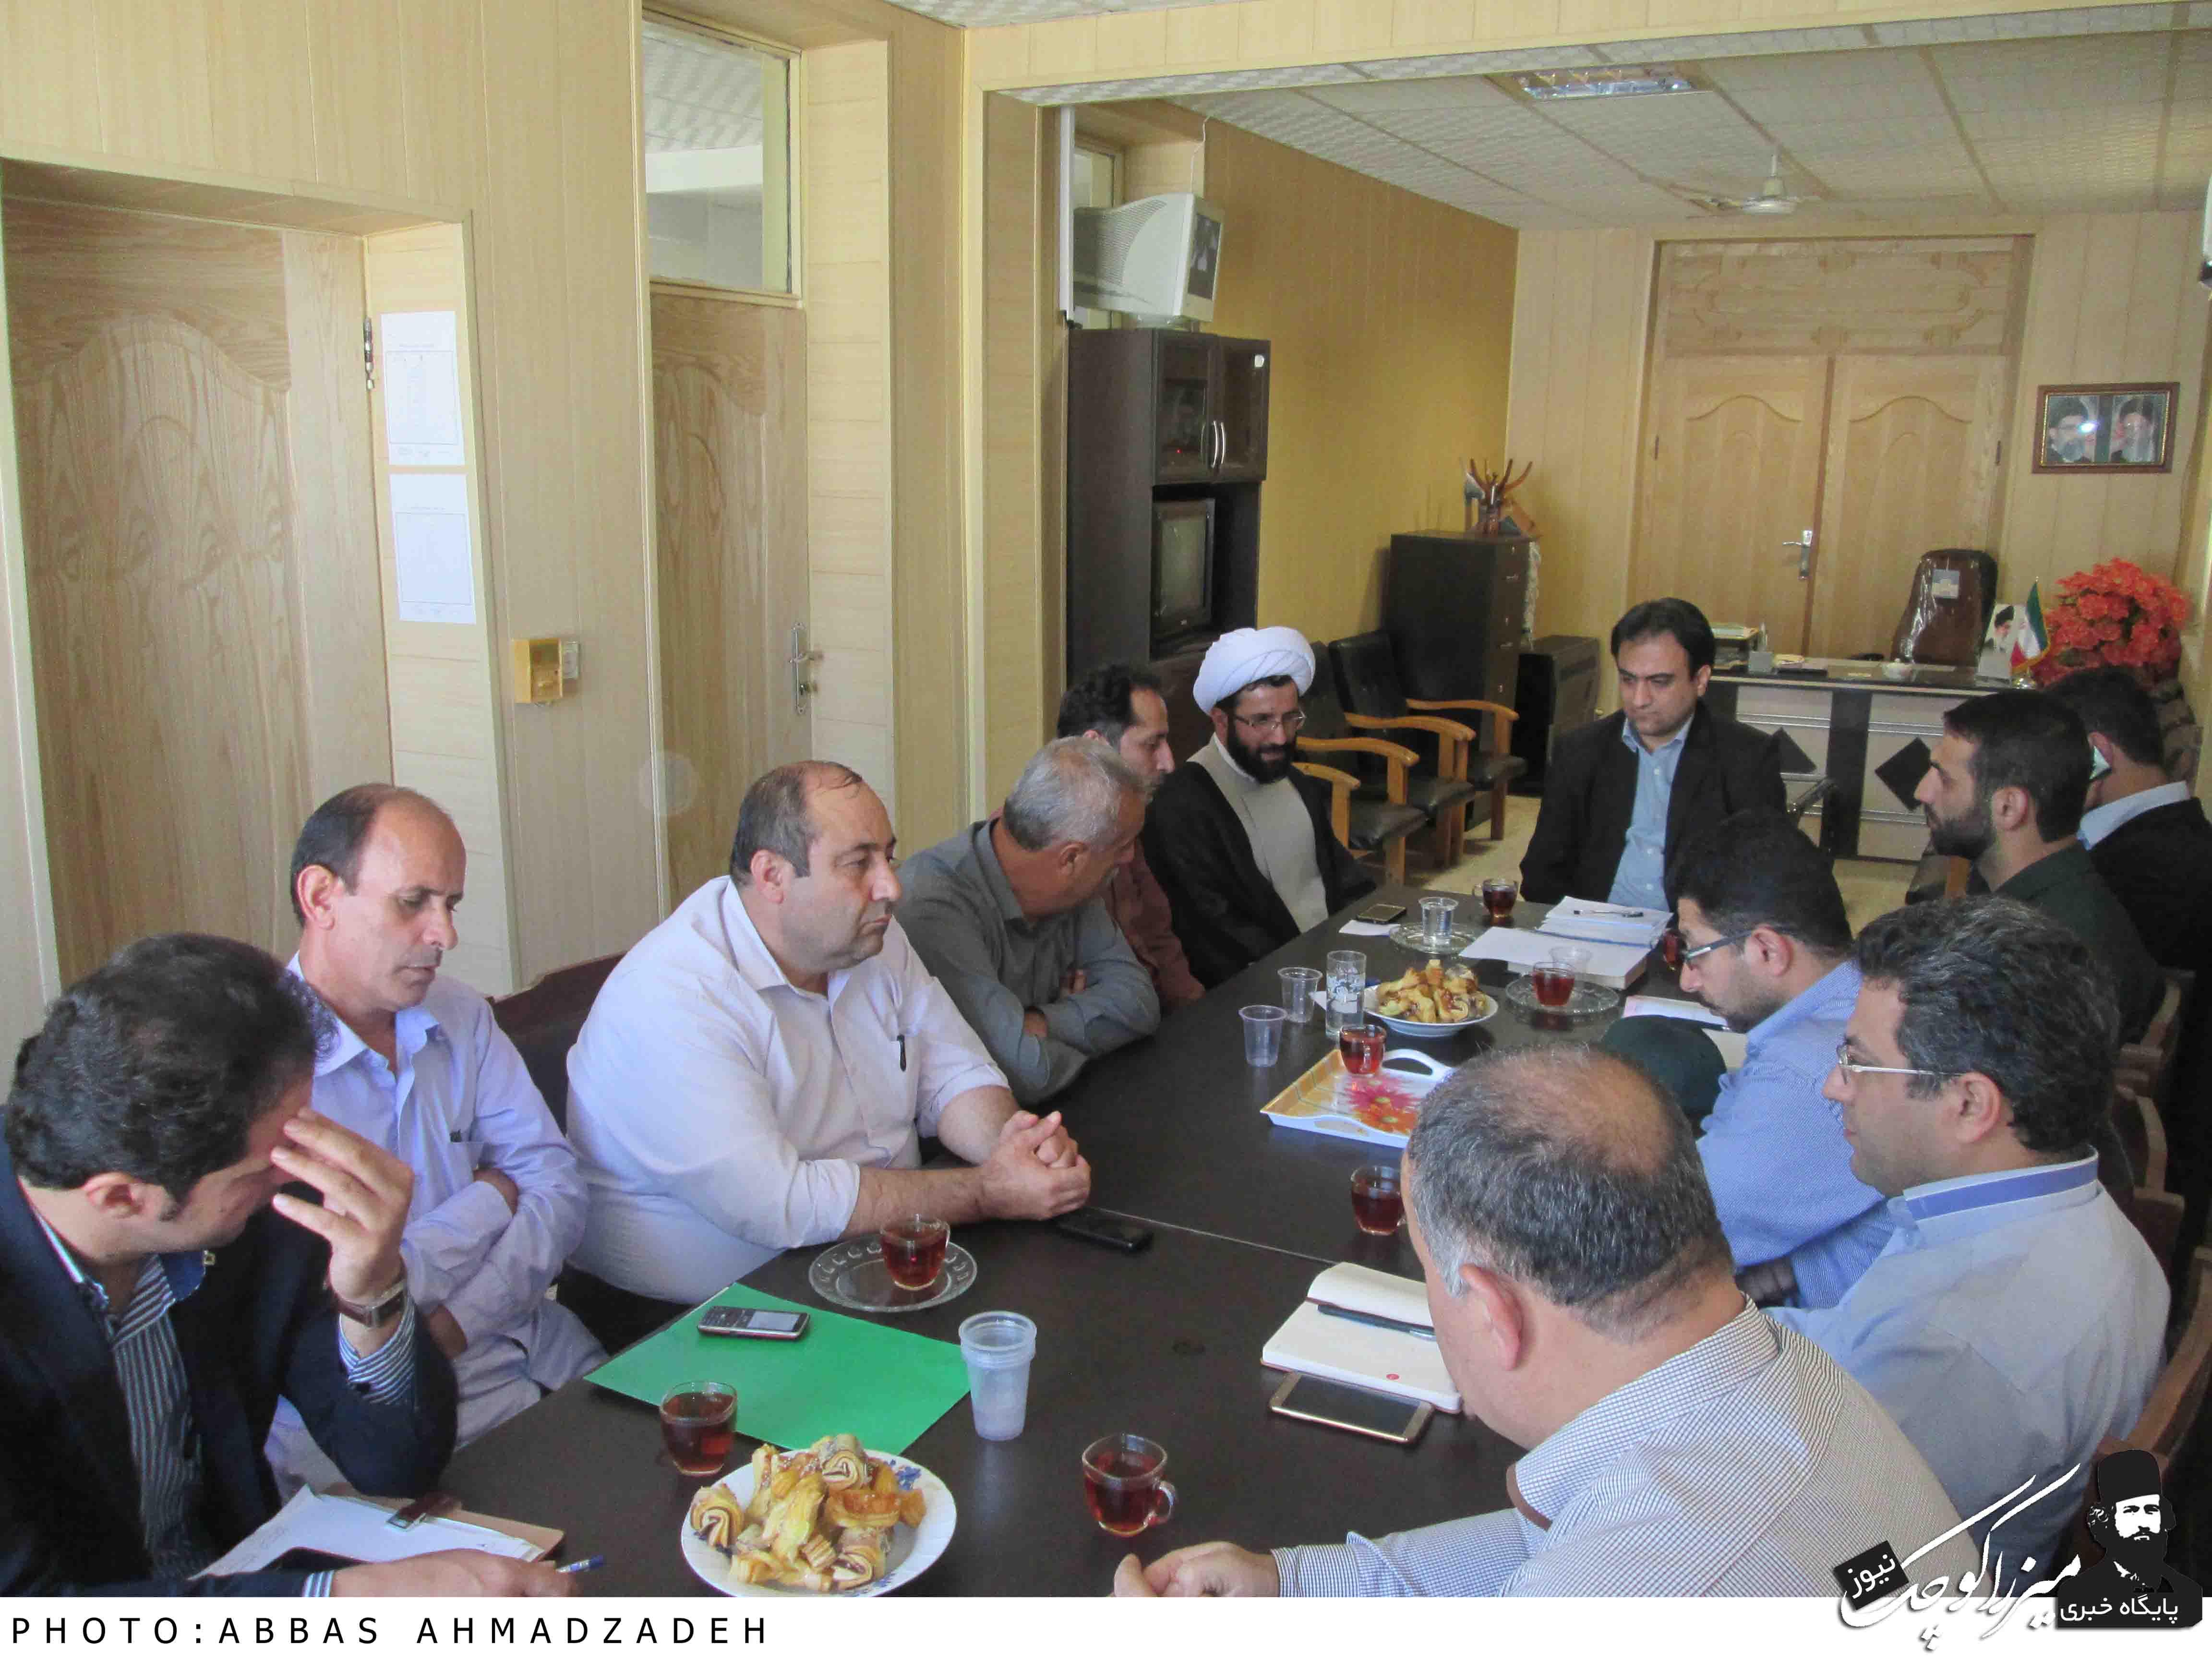 برگزاری جلسه هفته دولت ٩۵در بخش میرزاکوچک